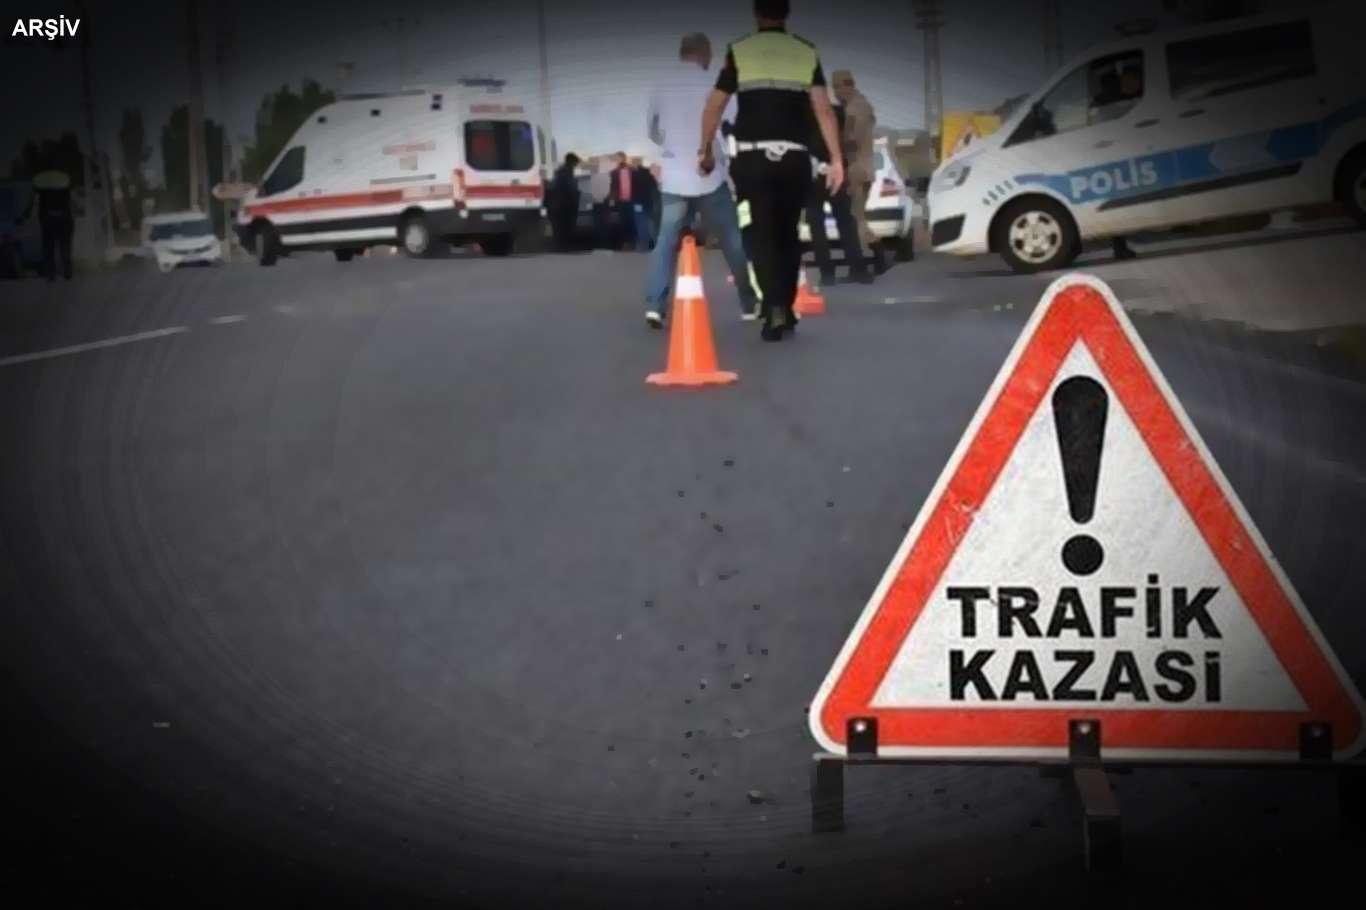 Bakan Soylu Açıkladı: Meydana Gelen Trafik Kazalarındaki Ölümler Yüzde 56 Azaldı